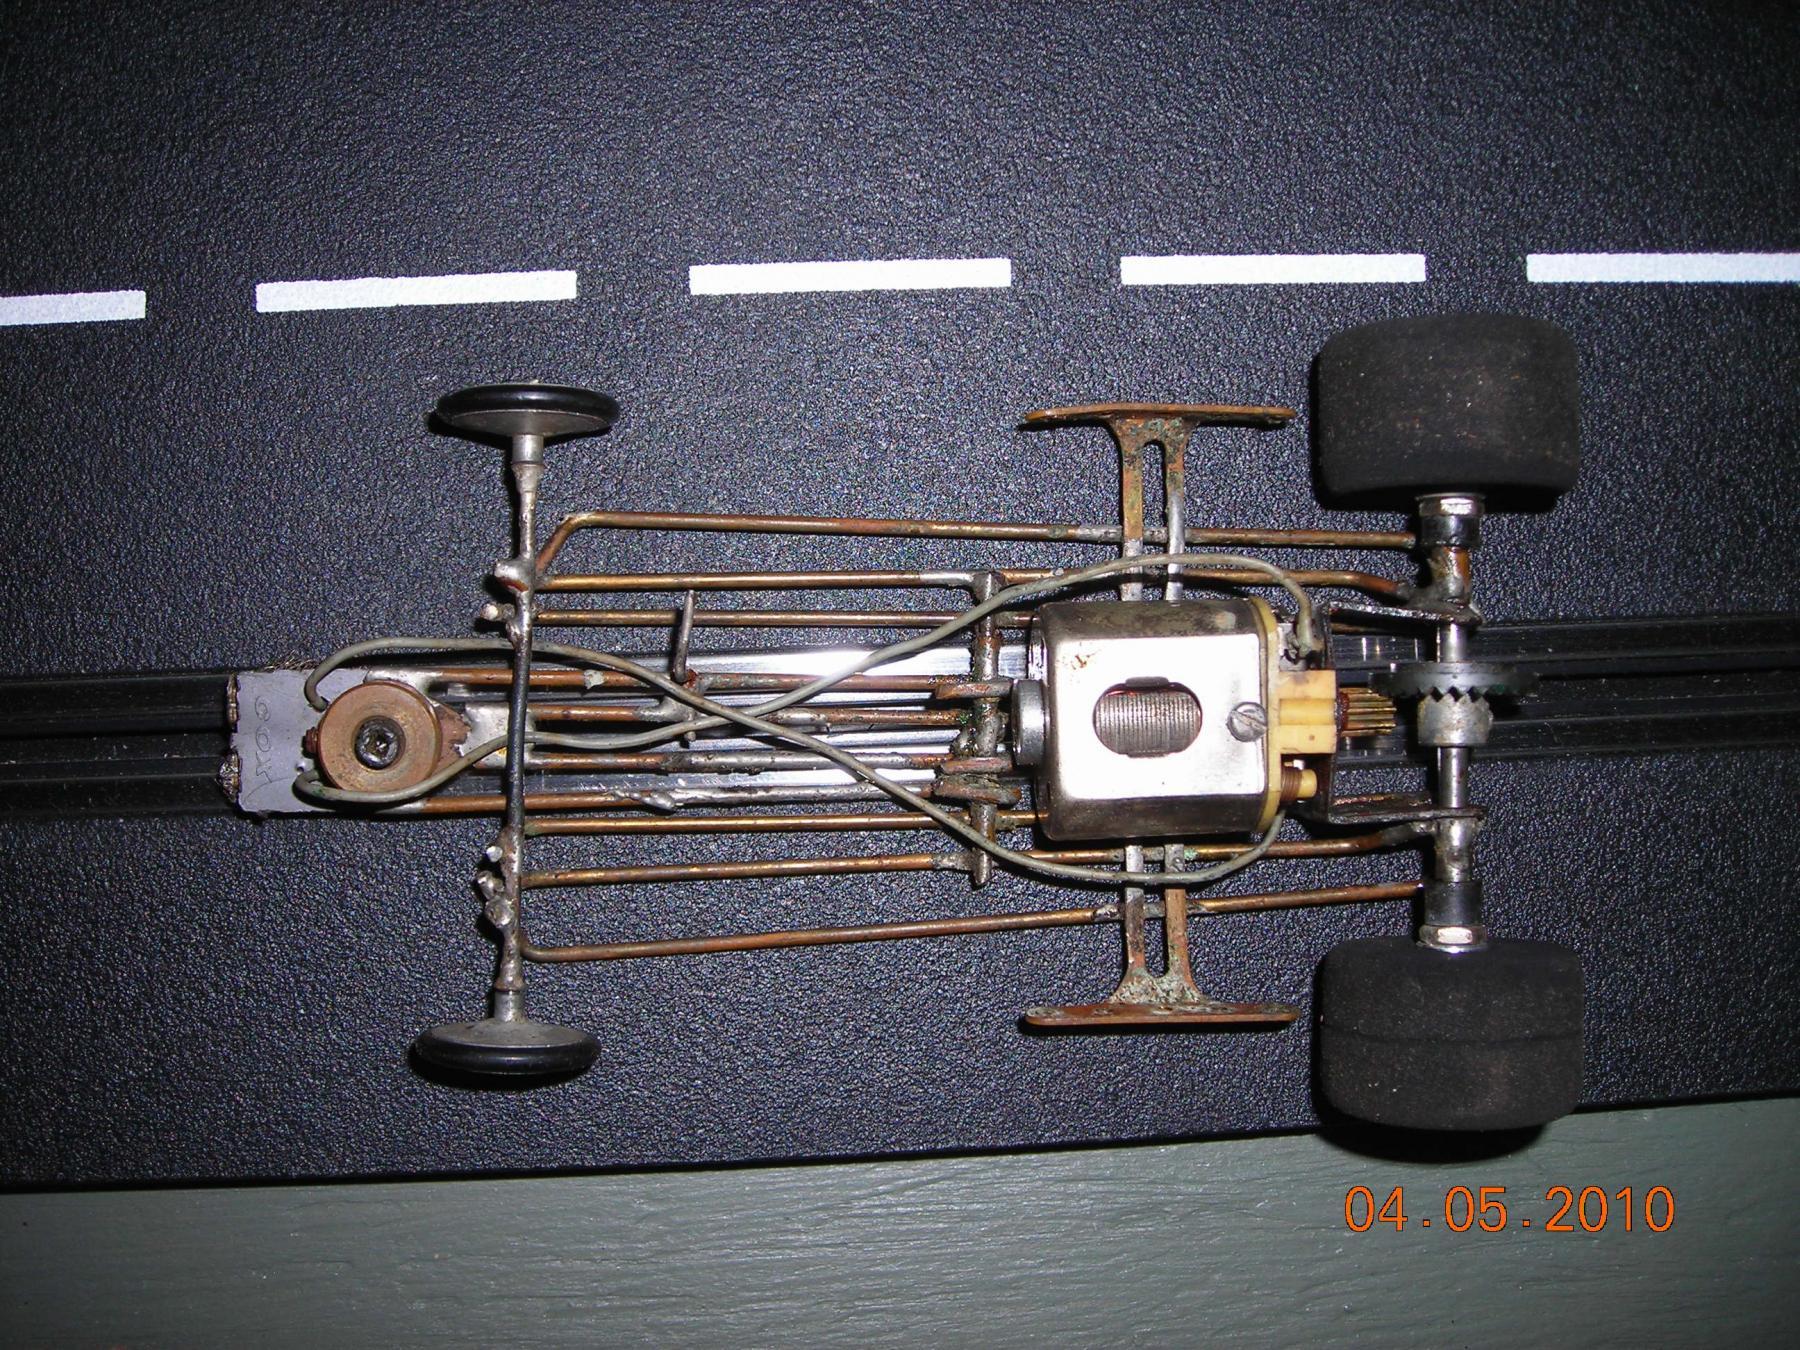 Slot cars 018.jpg